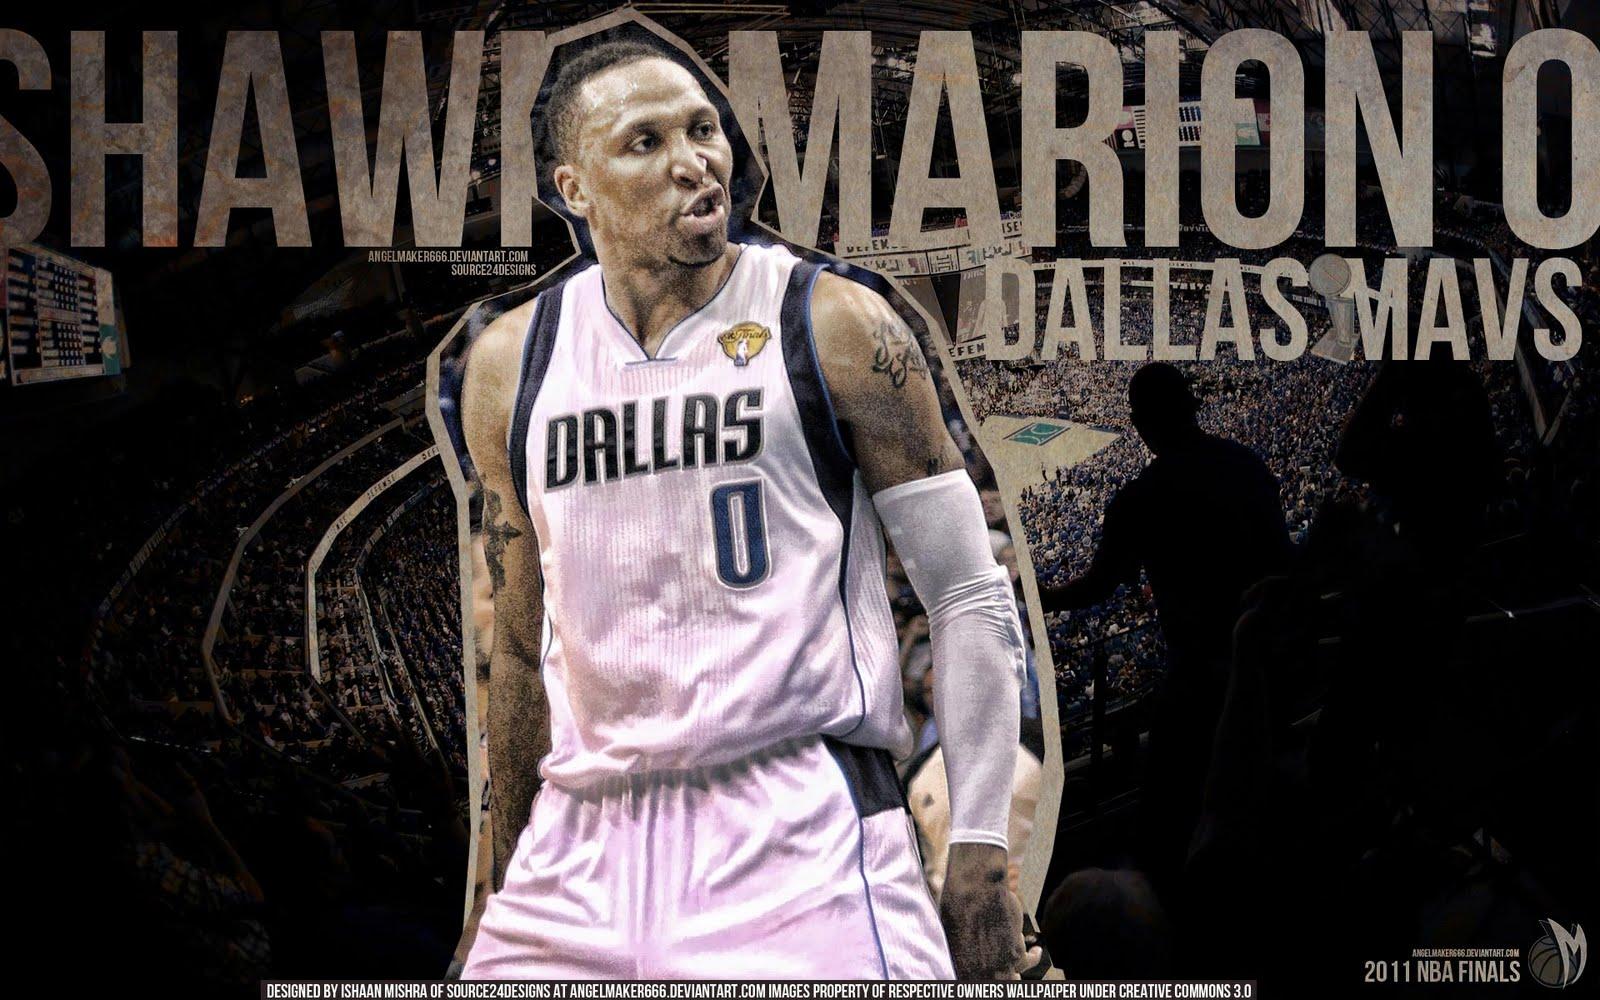 http://4.bp.blogspot.com/-IaHvwAuTkj0/TfWnSRUzKBI/AAAAAAAAFtc/Od2D0-XYy74/s1600/Shawn-Marion-2011-NBA-Finals-Widescreen-Wallpaper-BasketWallpapers.com-.jpg